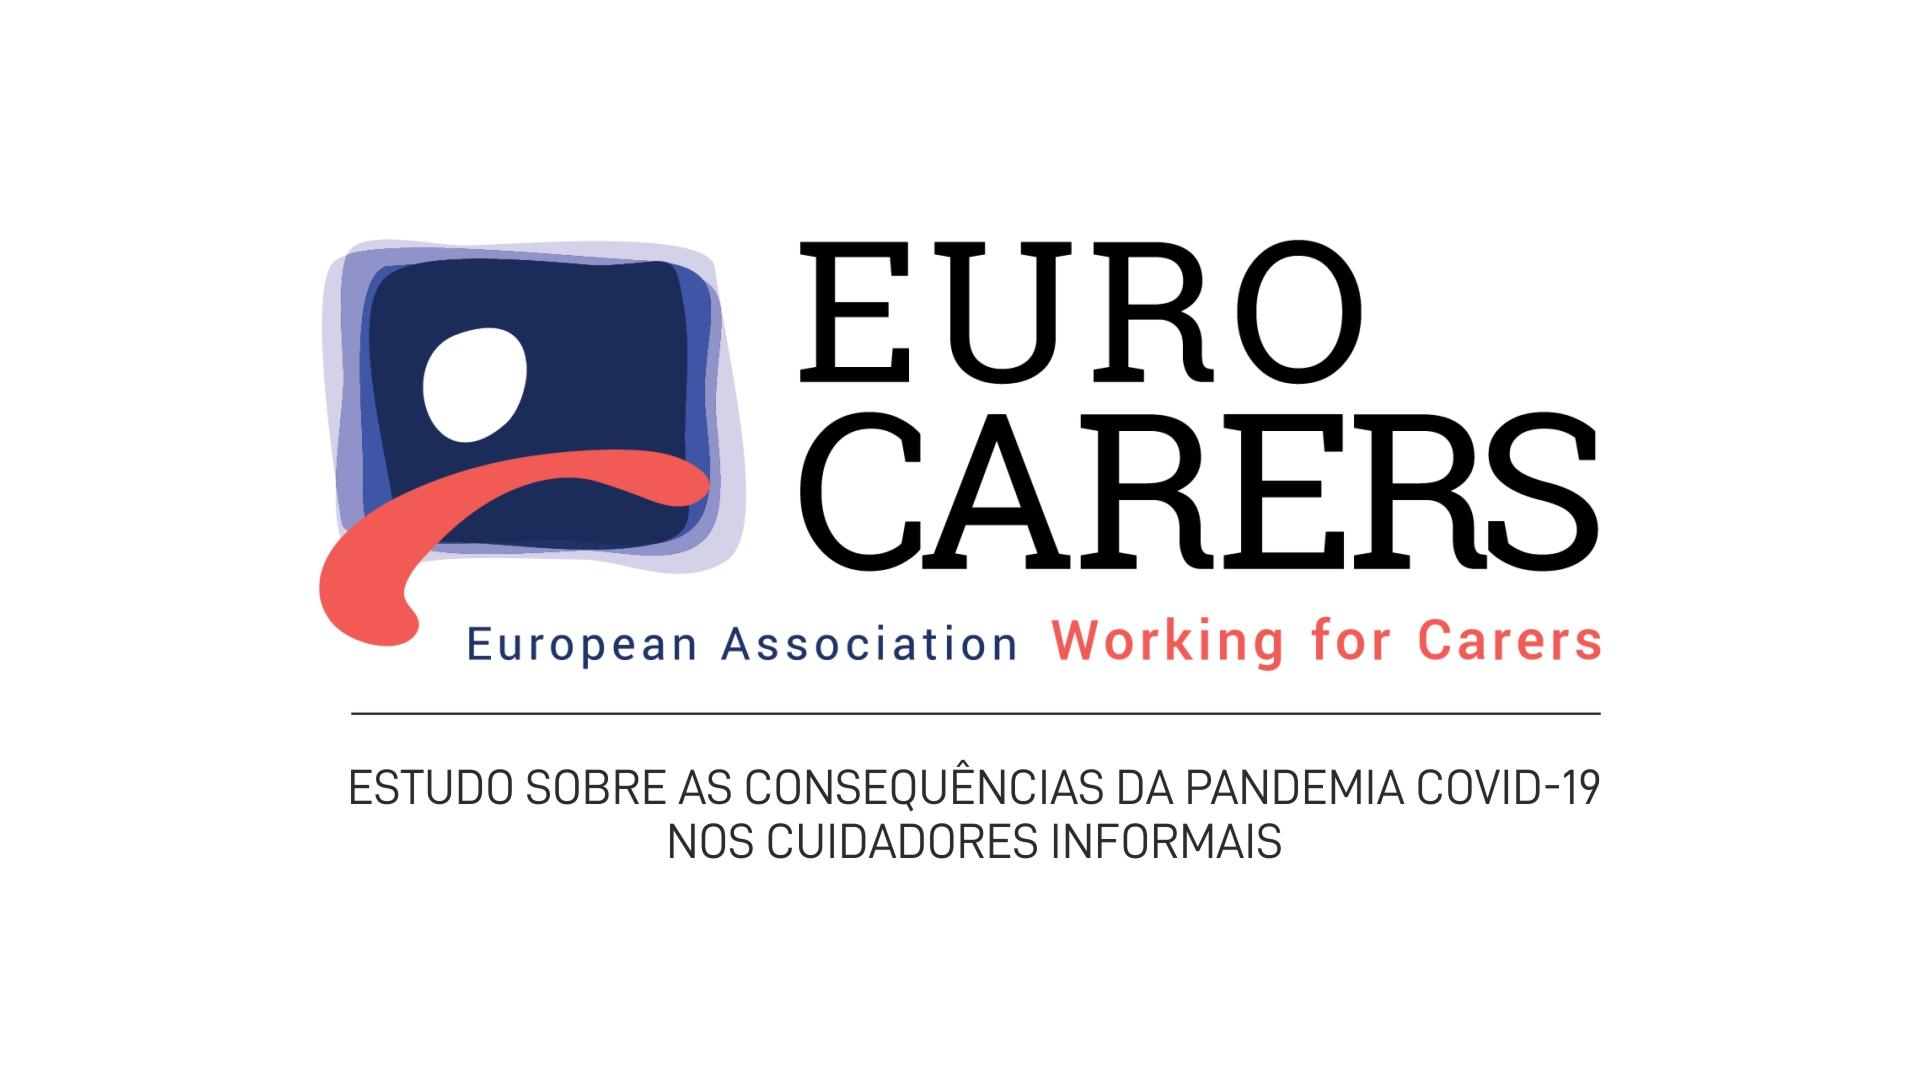 Estudo sobre as Consequências da Pandemia COVID-19 nos Cuidadores Informais / Familiares / Não Remunerados de toda a Europa